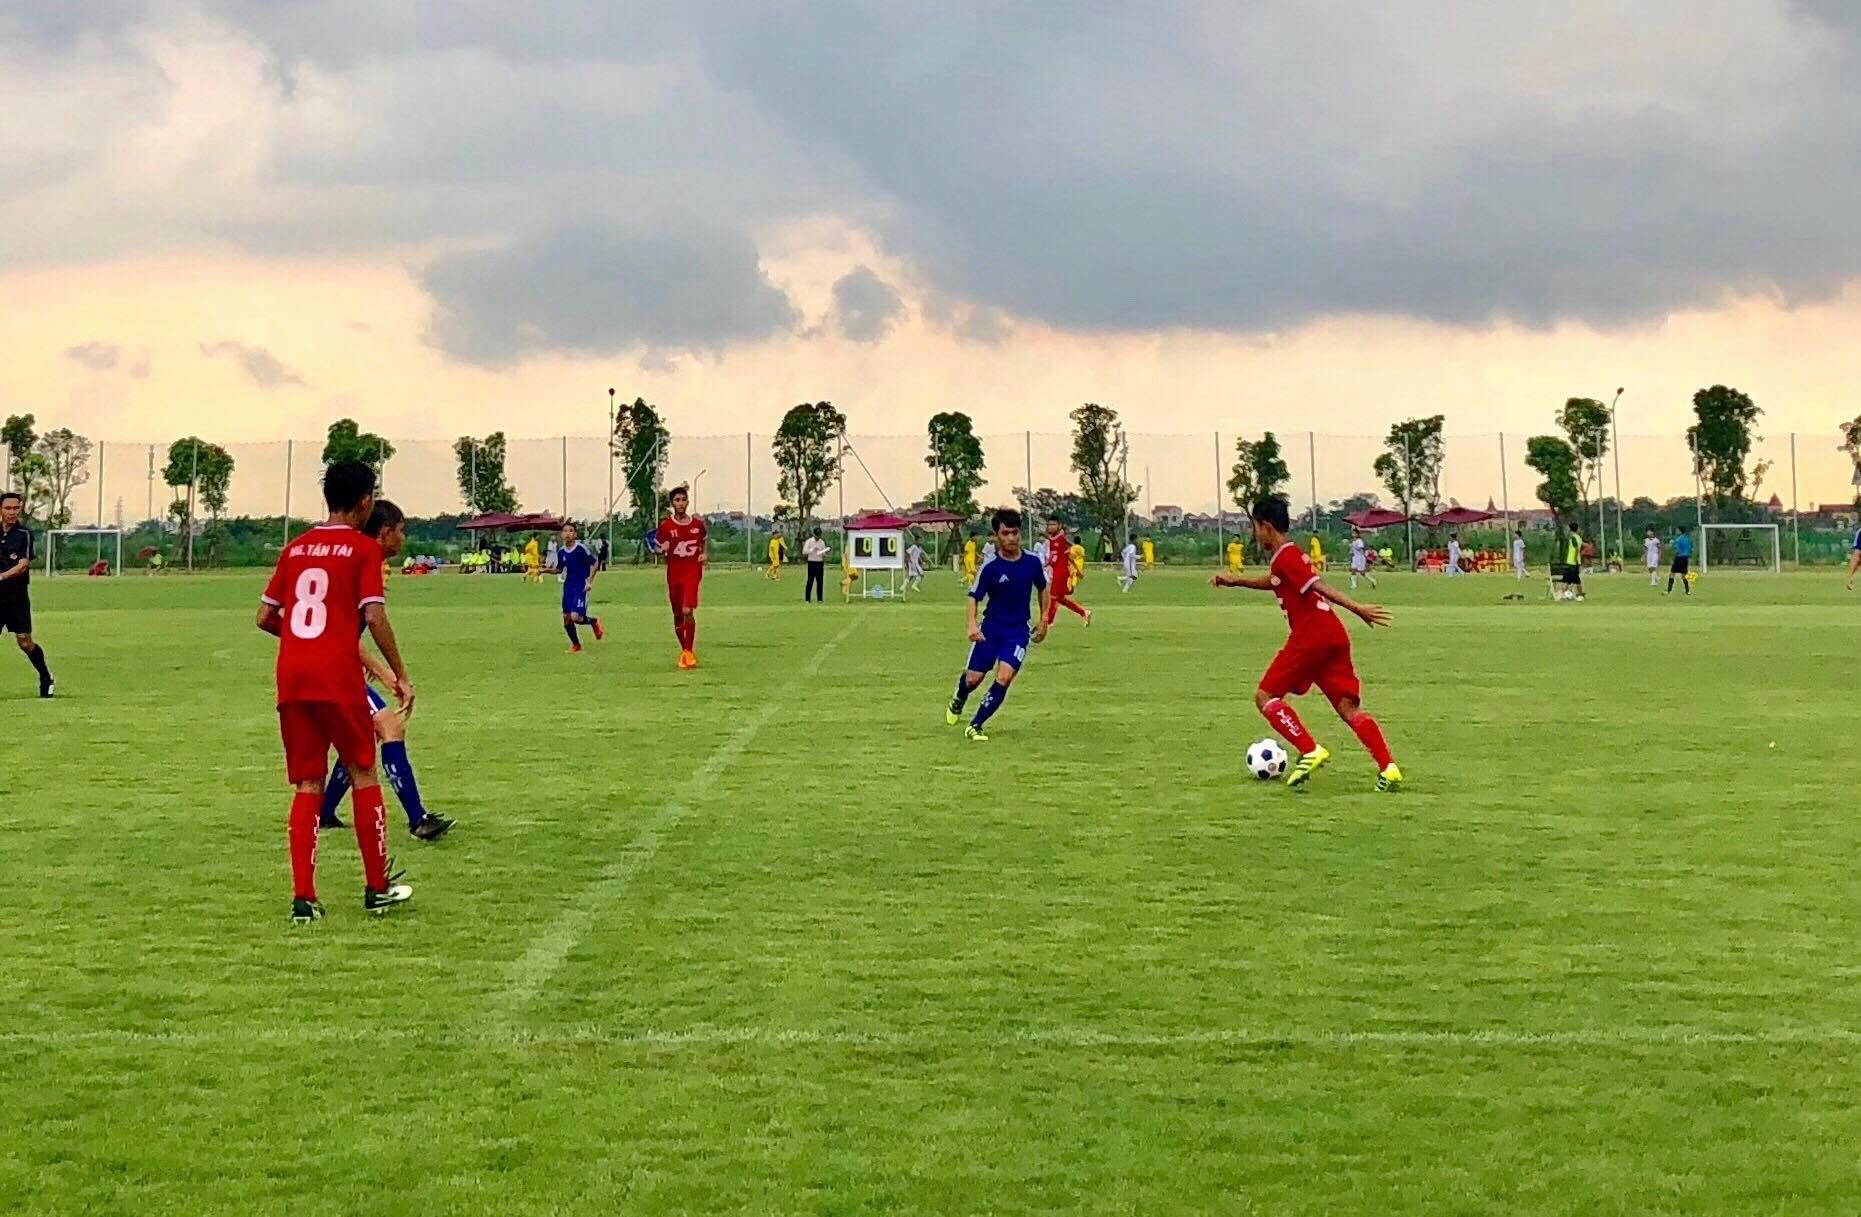 Xác định được 8 đội vào Tứ kết giải Bóng đá Thiếu niên toàn quốc Cúp VPP Hồng Hà 2018